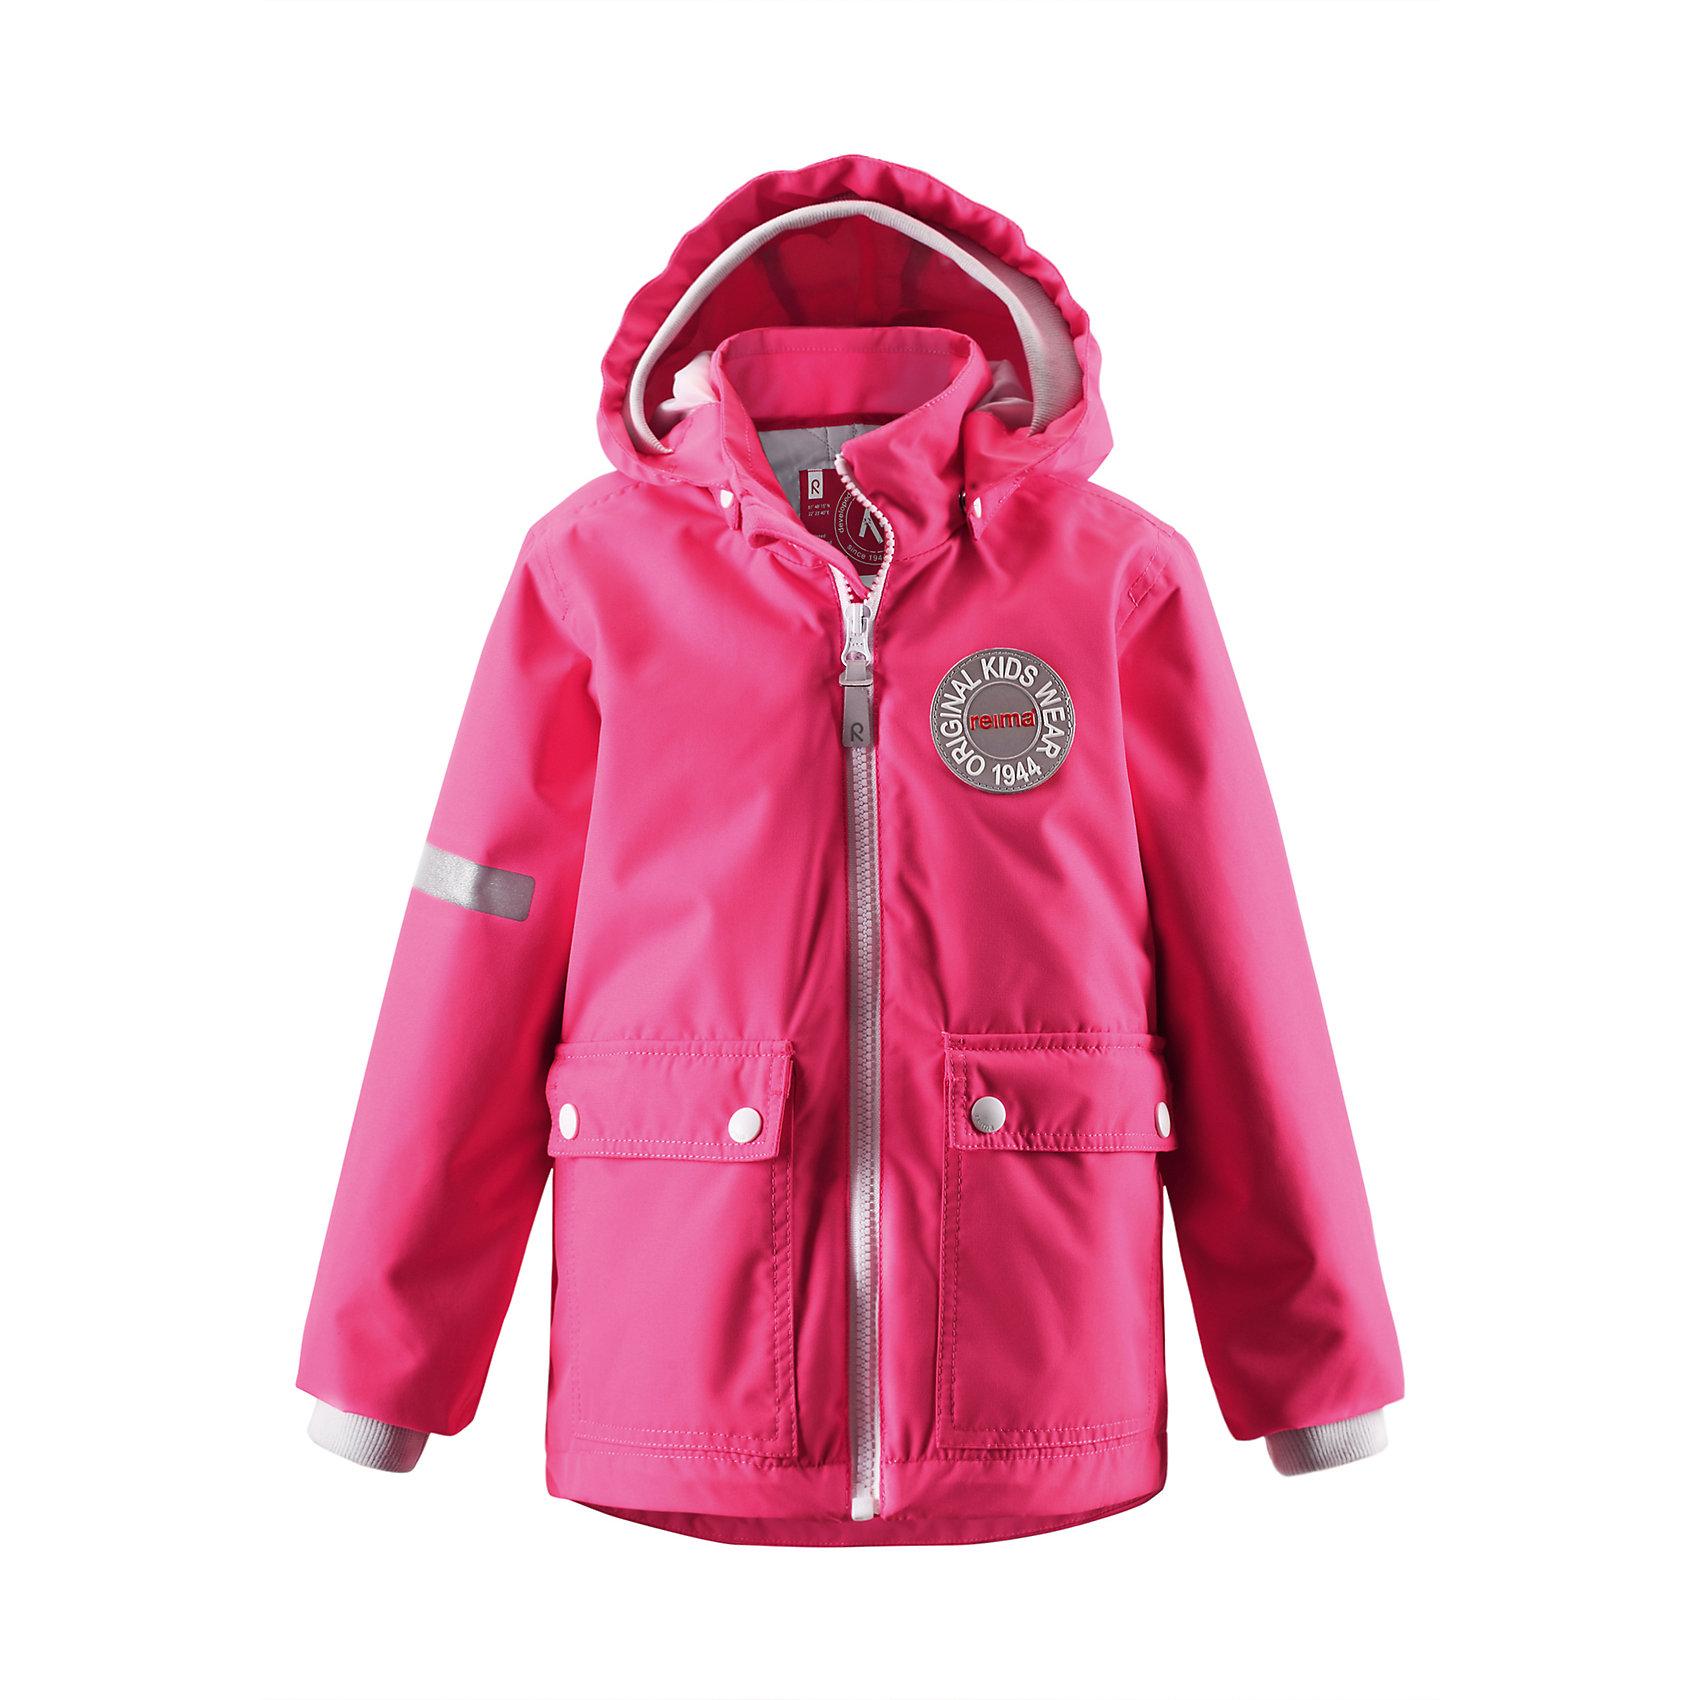 Куртка для девочки ReimaВ детской демисезонной куртке с рисунком Reima® Anniversary дождь не страшен — все основные швы проклеены, водонепроницаемы. Эта куртка идеально подойдет для ранних весенних дней, ведь на улице все еще может быть холодно. С помощью удобной системы кнопок Play Layers® к этой куртке можно присоединять разнообразную одежду промежуточного слоя Reima®. В холодные дни промежуточный слой подарит вашему ребенку дополнительное тепло и комфорт. Благодаря съемной стеганой подкладке куртку также можно превратить в более легкую весеннюю модель. Большие карманы с клапанами и светоотражающие детали выполнены в ретро-стиле 70-х.<br><br>Дополнительная информация:<br><br>Куртка демисезонная для детей<br>Основные швы проклеены и не пропускают влагу<br>Водоотталкивающий, ветронепроницаемый, «дышащий» и грязеотталкивающий материал<br>Съемная, стеганая подкладка<br>Безопасный, отстегивающийся и регулируемый капюшон<br>Мягкая резинка на кромке капюшона и манжетах<br>Карманы с клапанами<br>Безопасные светоотражающие элементы<br>Состав:<br>100% ПЭ, ПУ-покрытие<br>Уход:<br>Стирать по отдельности, вывернув наизнанку. Застегнуть молнии и липучки. Стирать моющим средством, не содержащим отбеливающие вещества. Полоскать без специального средства. Во избежание изменения цвета изделие необходимо вынуть из стиральной машинки незамедлительно после окончания программы стирки. Сушить при низкой температуре.<br><br>Ширина мм: 356<br>Глубина мм: 10<br>Высота мм: 245<br>Вес г: 519<br>Цвет: розовый<br>Возраст от месяцев: 24<br>Возраст до месяцев: 36<br>Пол: Женский<br>Возраст: Детский<br>Размер: 98,92,104,140,134,128,122,116,110<br>SKU: 4496793